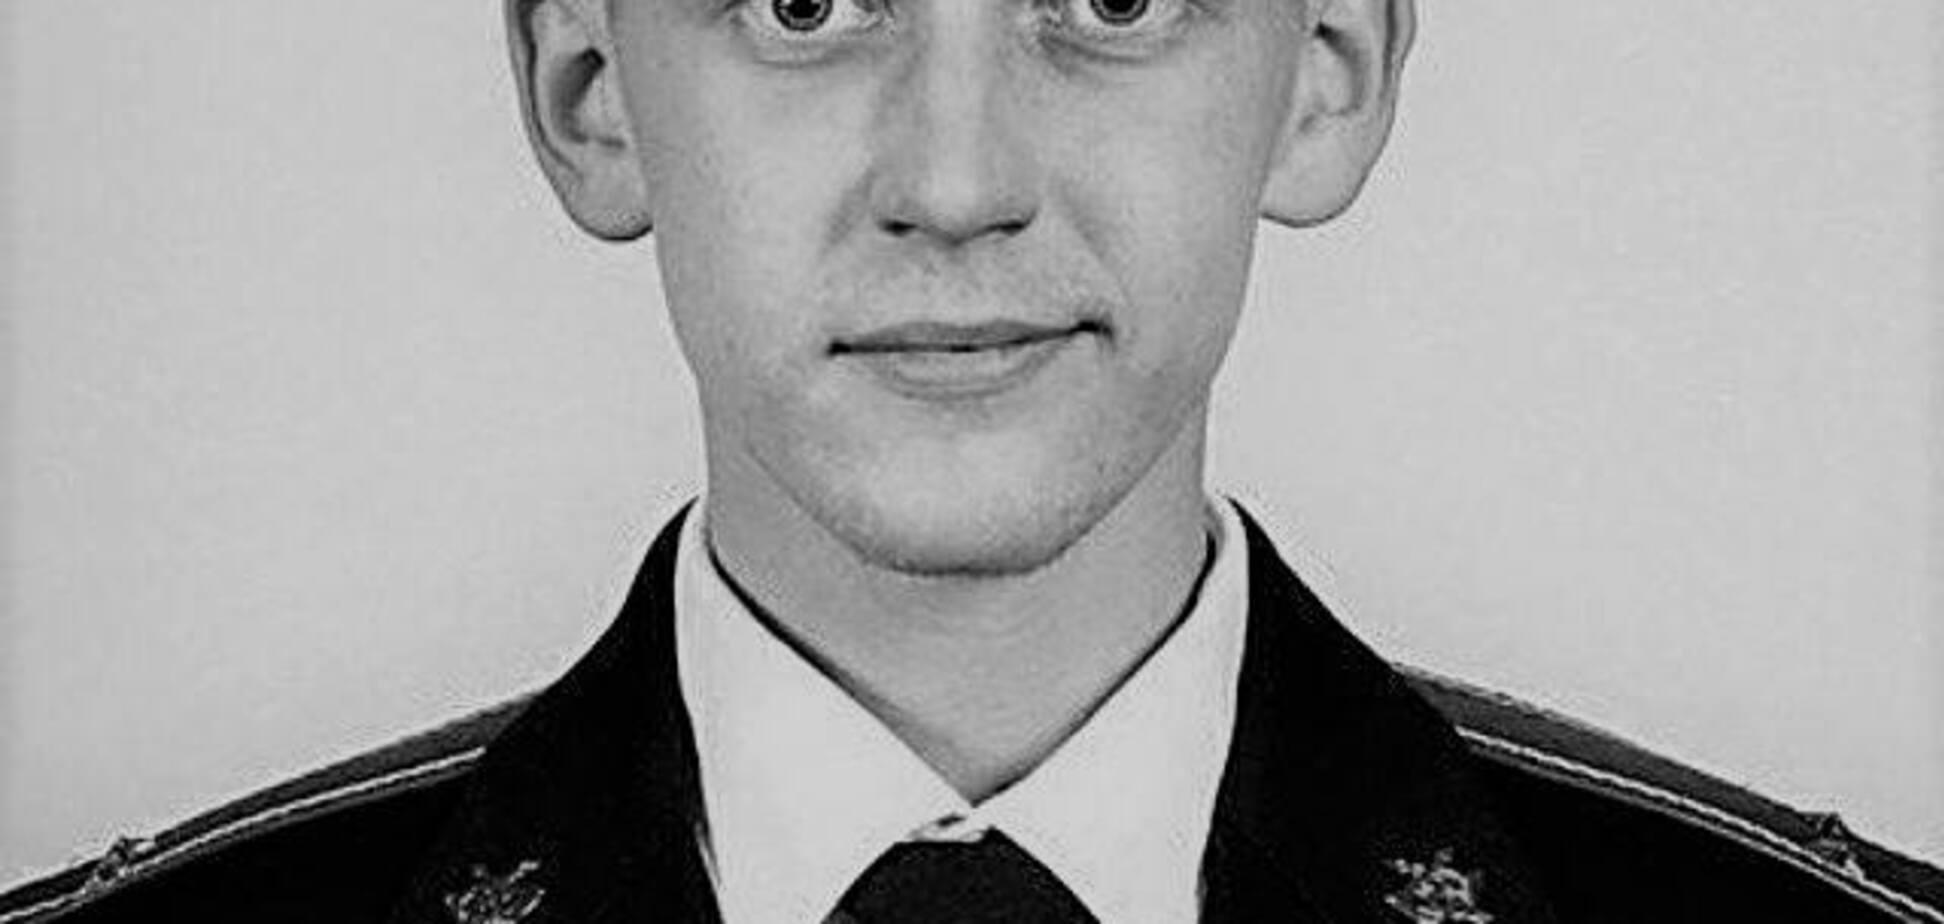 Таємнича смерть: молодого військового офіцера знайшли мертвим у поїзді